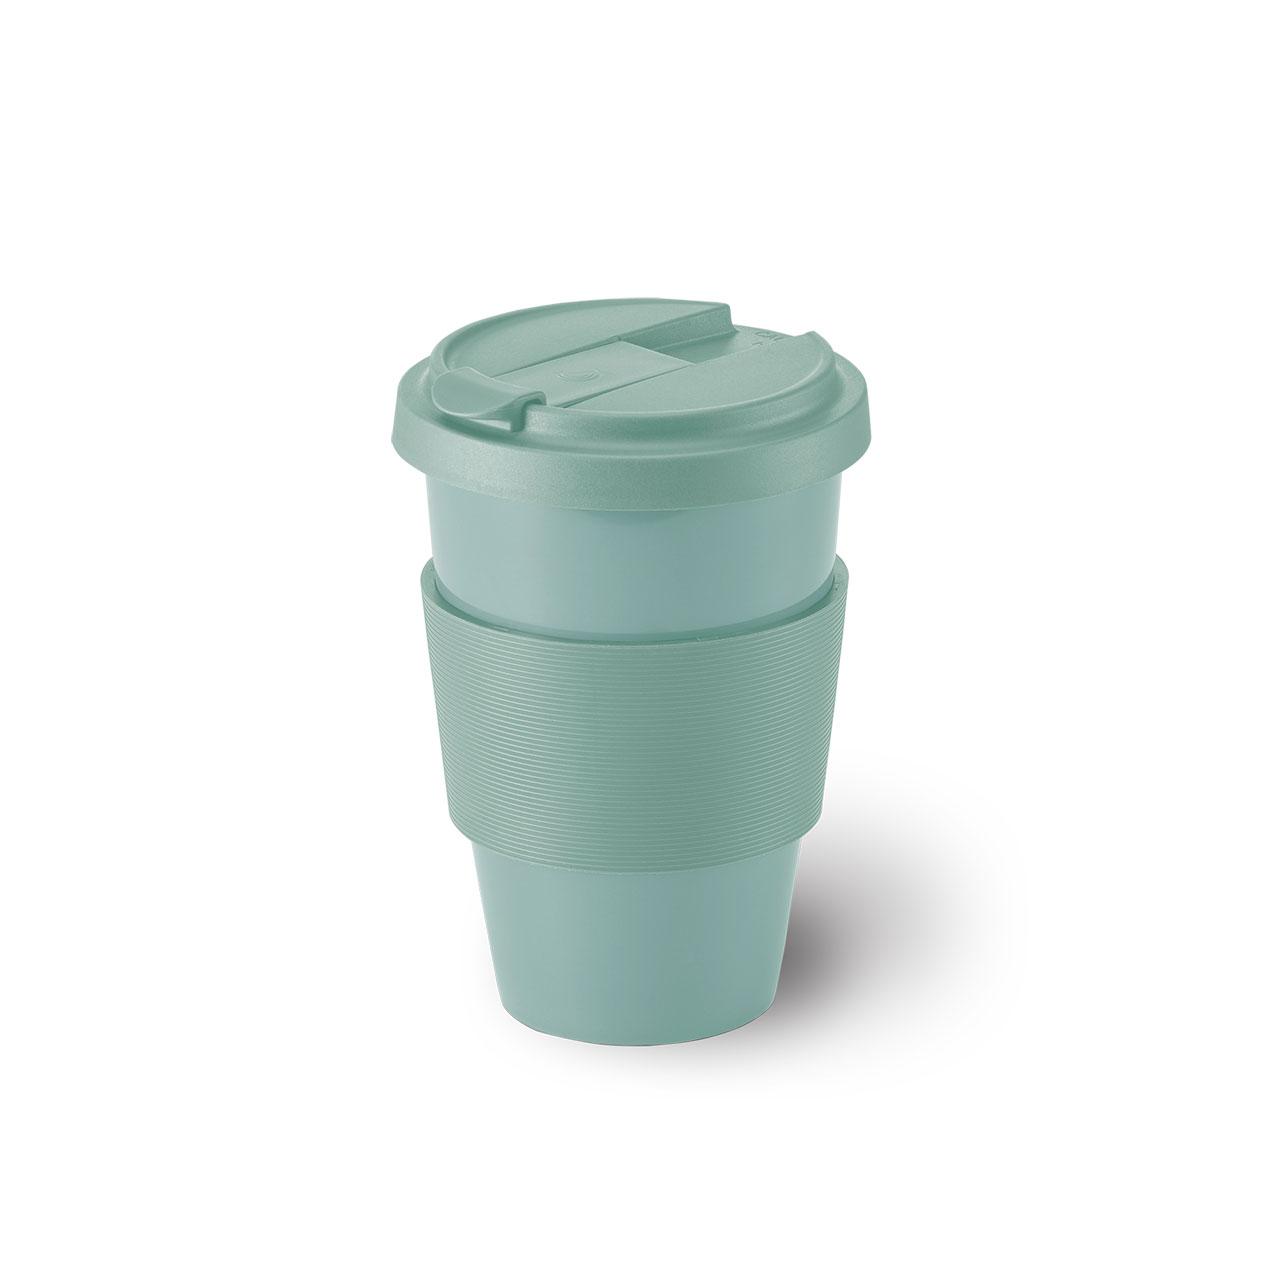 Coffee-2-Go-Becher aus Porzellan von Dibbern bei Franzen in Düsseldorf kaufen